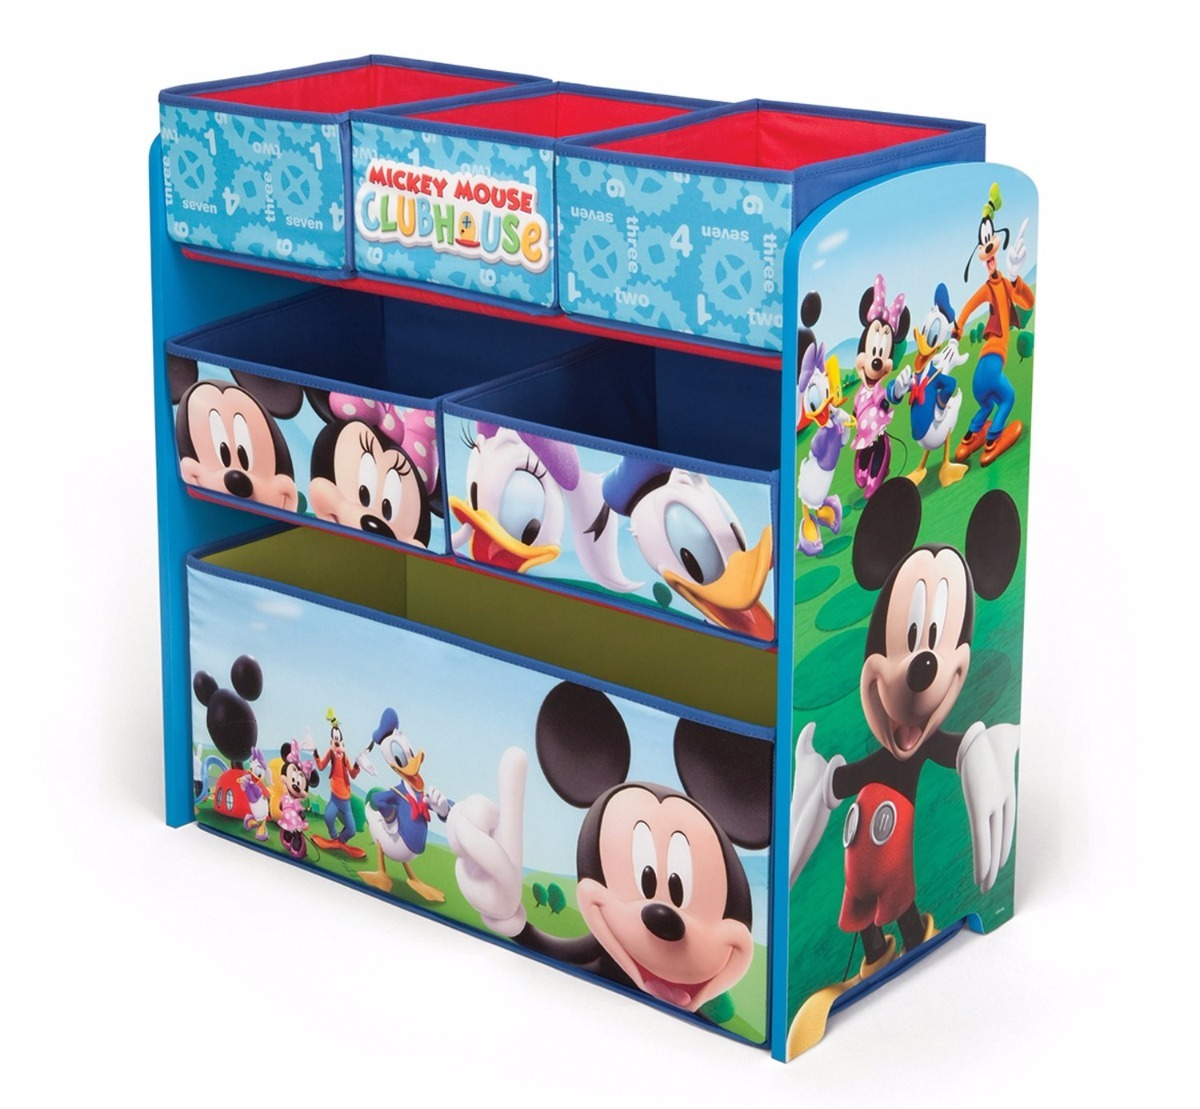 Mueble organizador de juguetes para ni os de mickey mouse 1 en mercado libre - Mueble organizador de juguetes ...